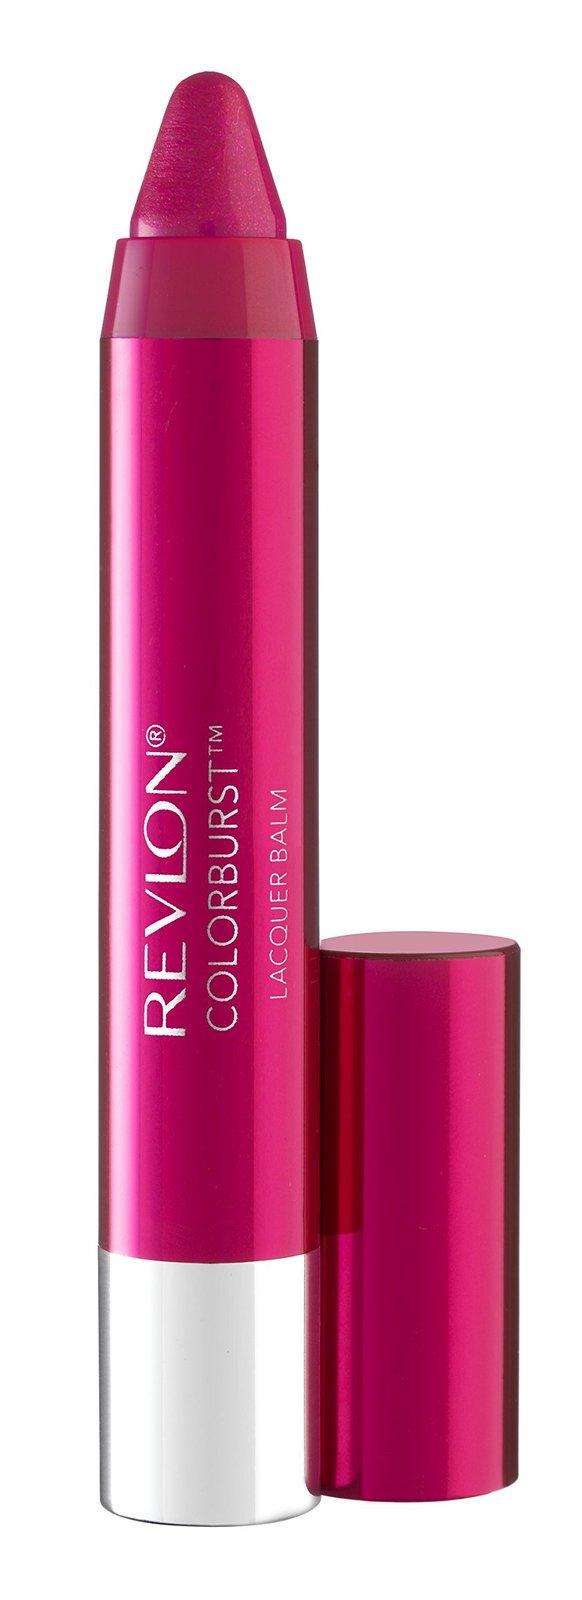 Revlon Just Bitten Kissing Balm Stain - Lovesick 020 - $3.75